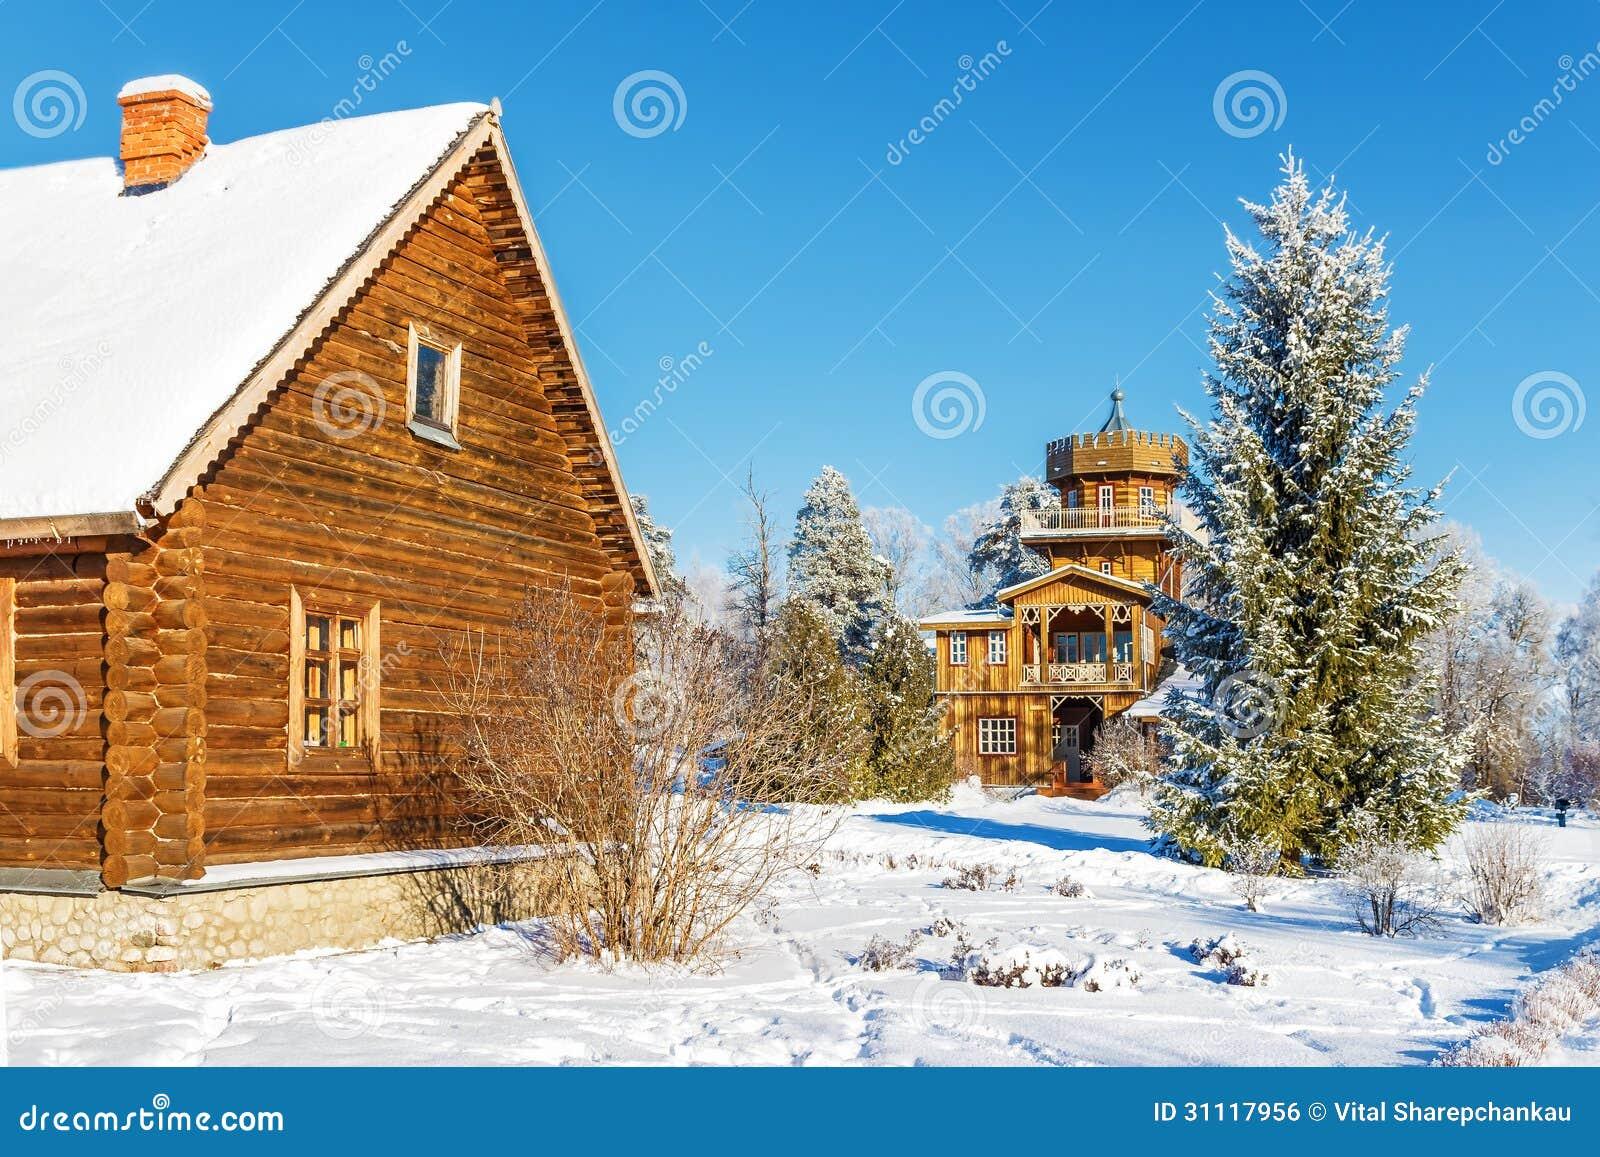 Casa del pintor repin foto editorial imagen 31117956 - Casa del pintor ...